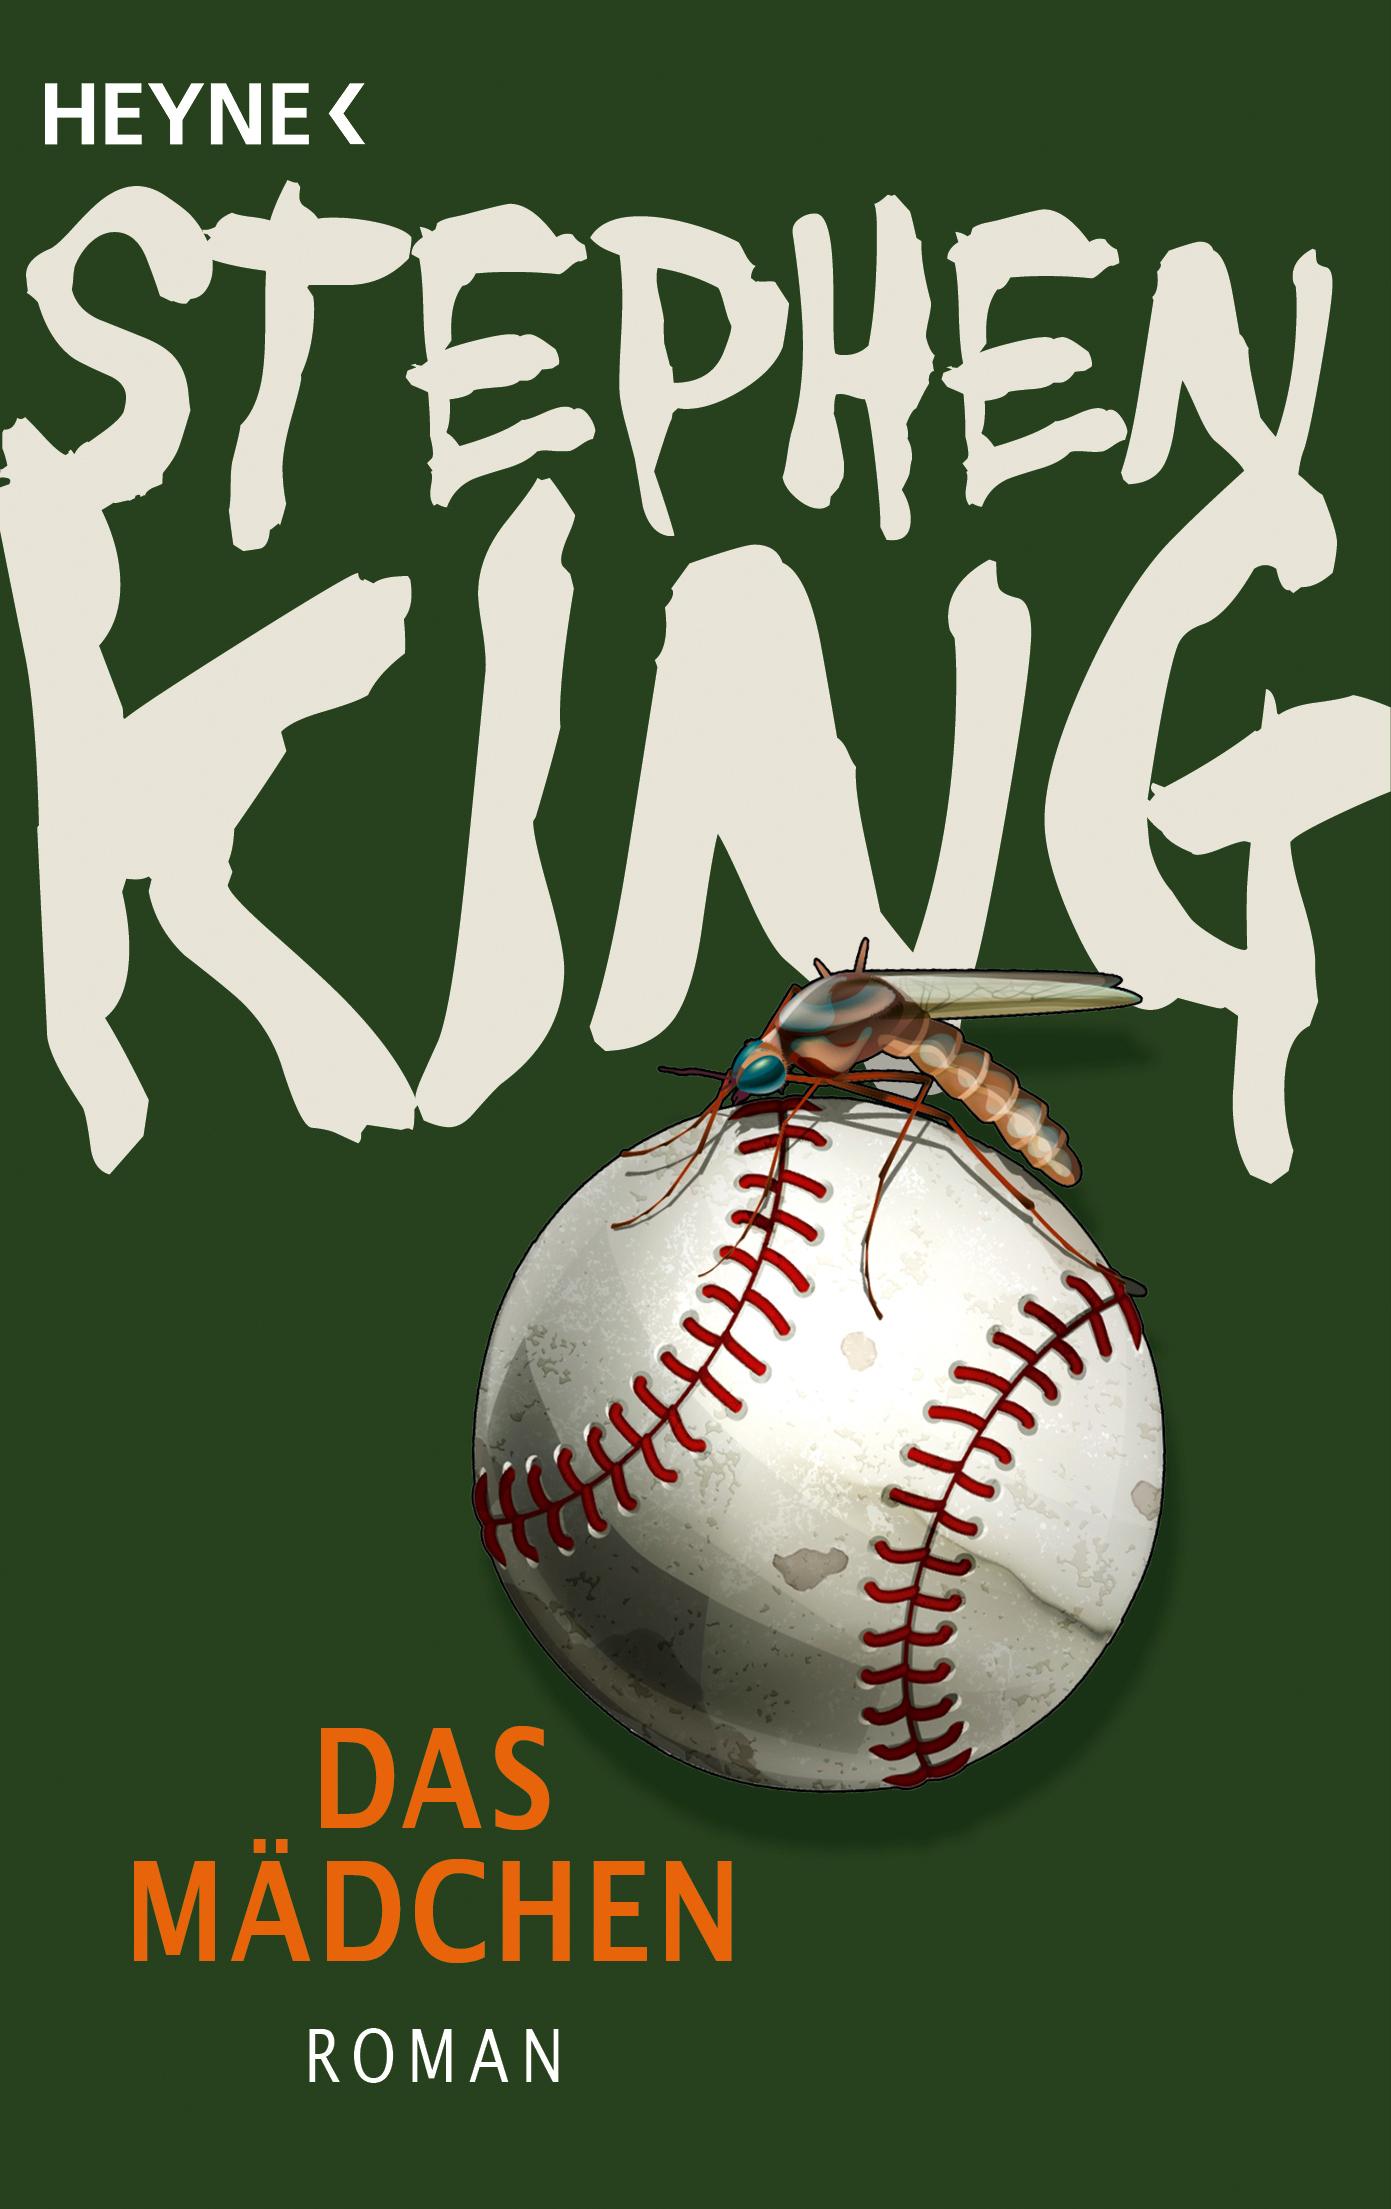 Das Maedchen von Stephen King